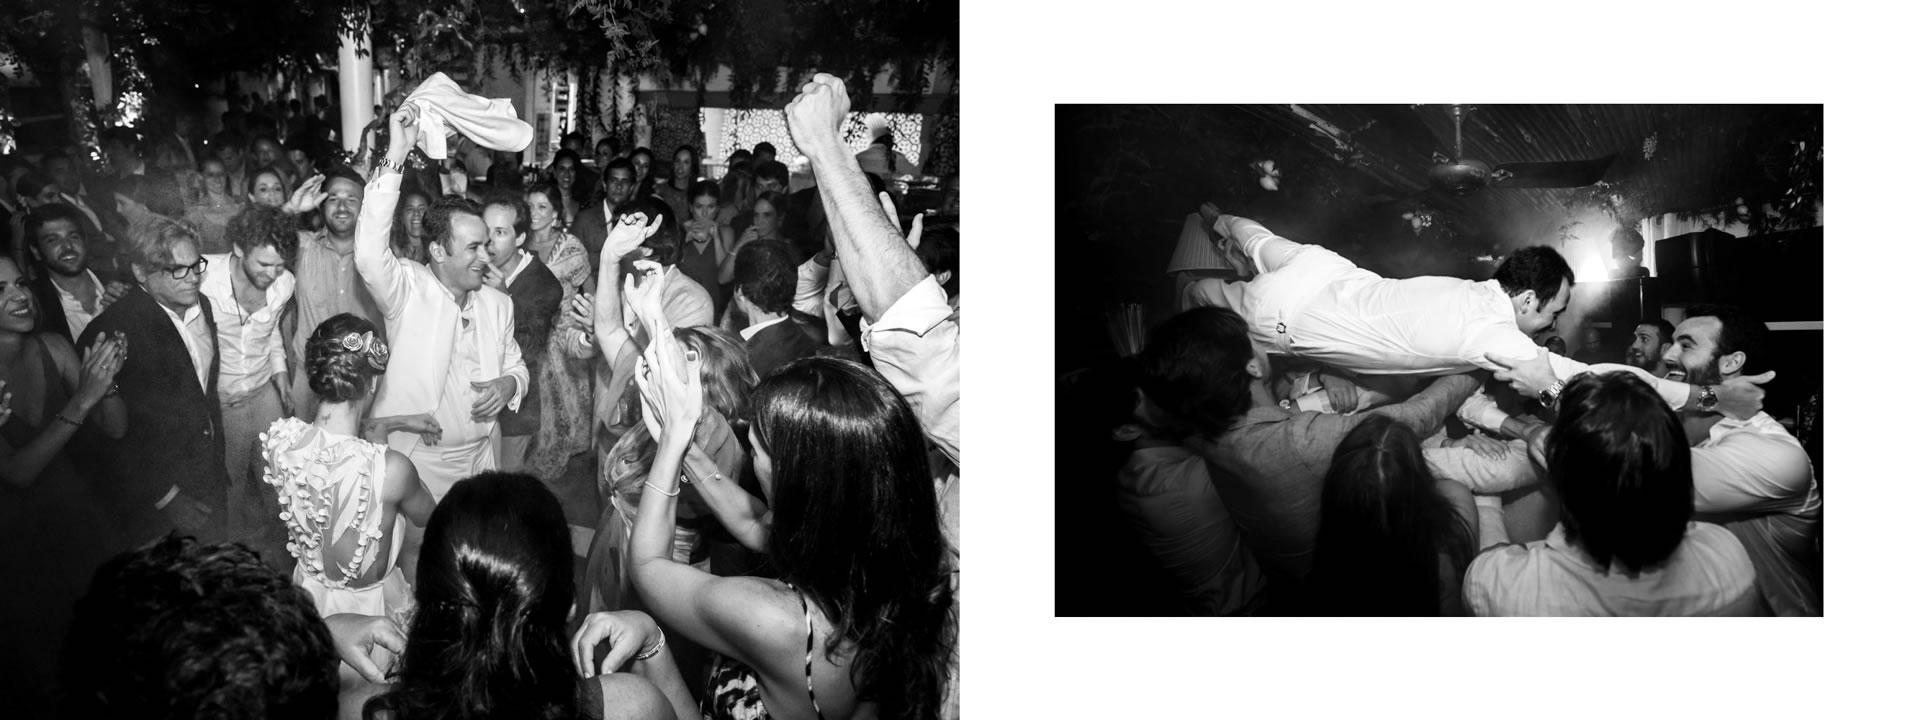 - 58 :: Jewish luxury wedding weekend in Capri :: Luxury wedding photography - 57 ::  - 58